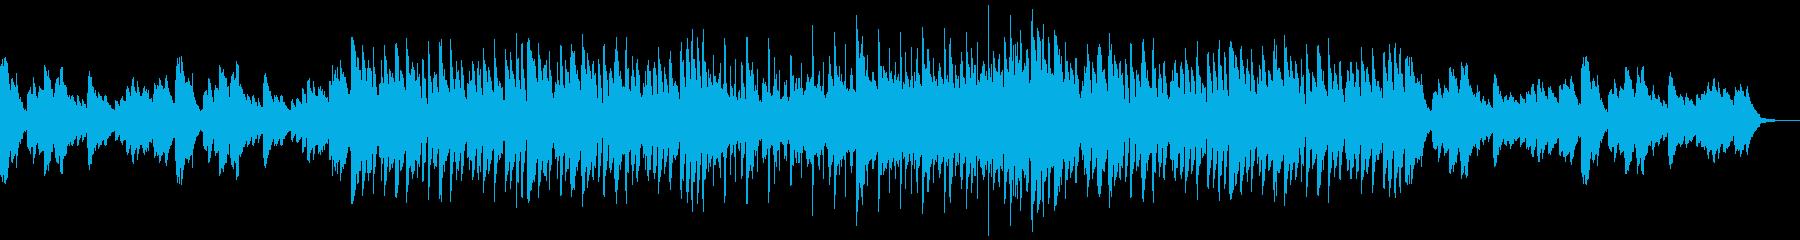 メロディアスなBGM向けハウスの再生済みの波形